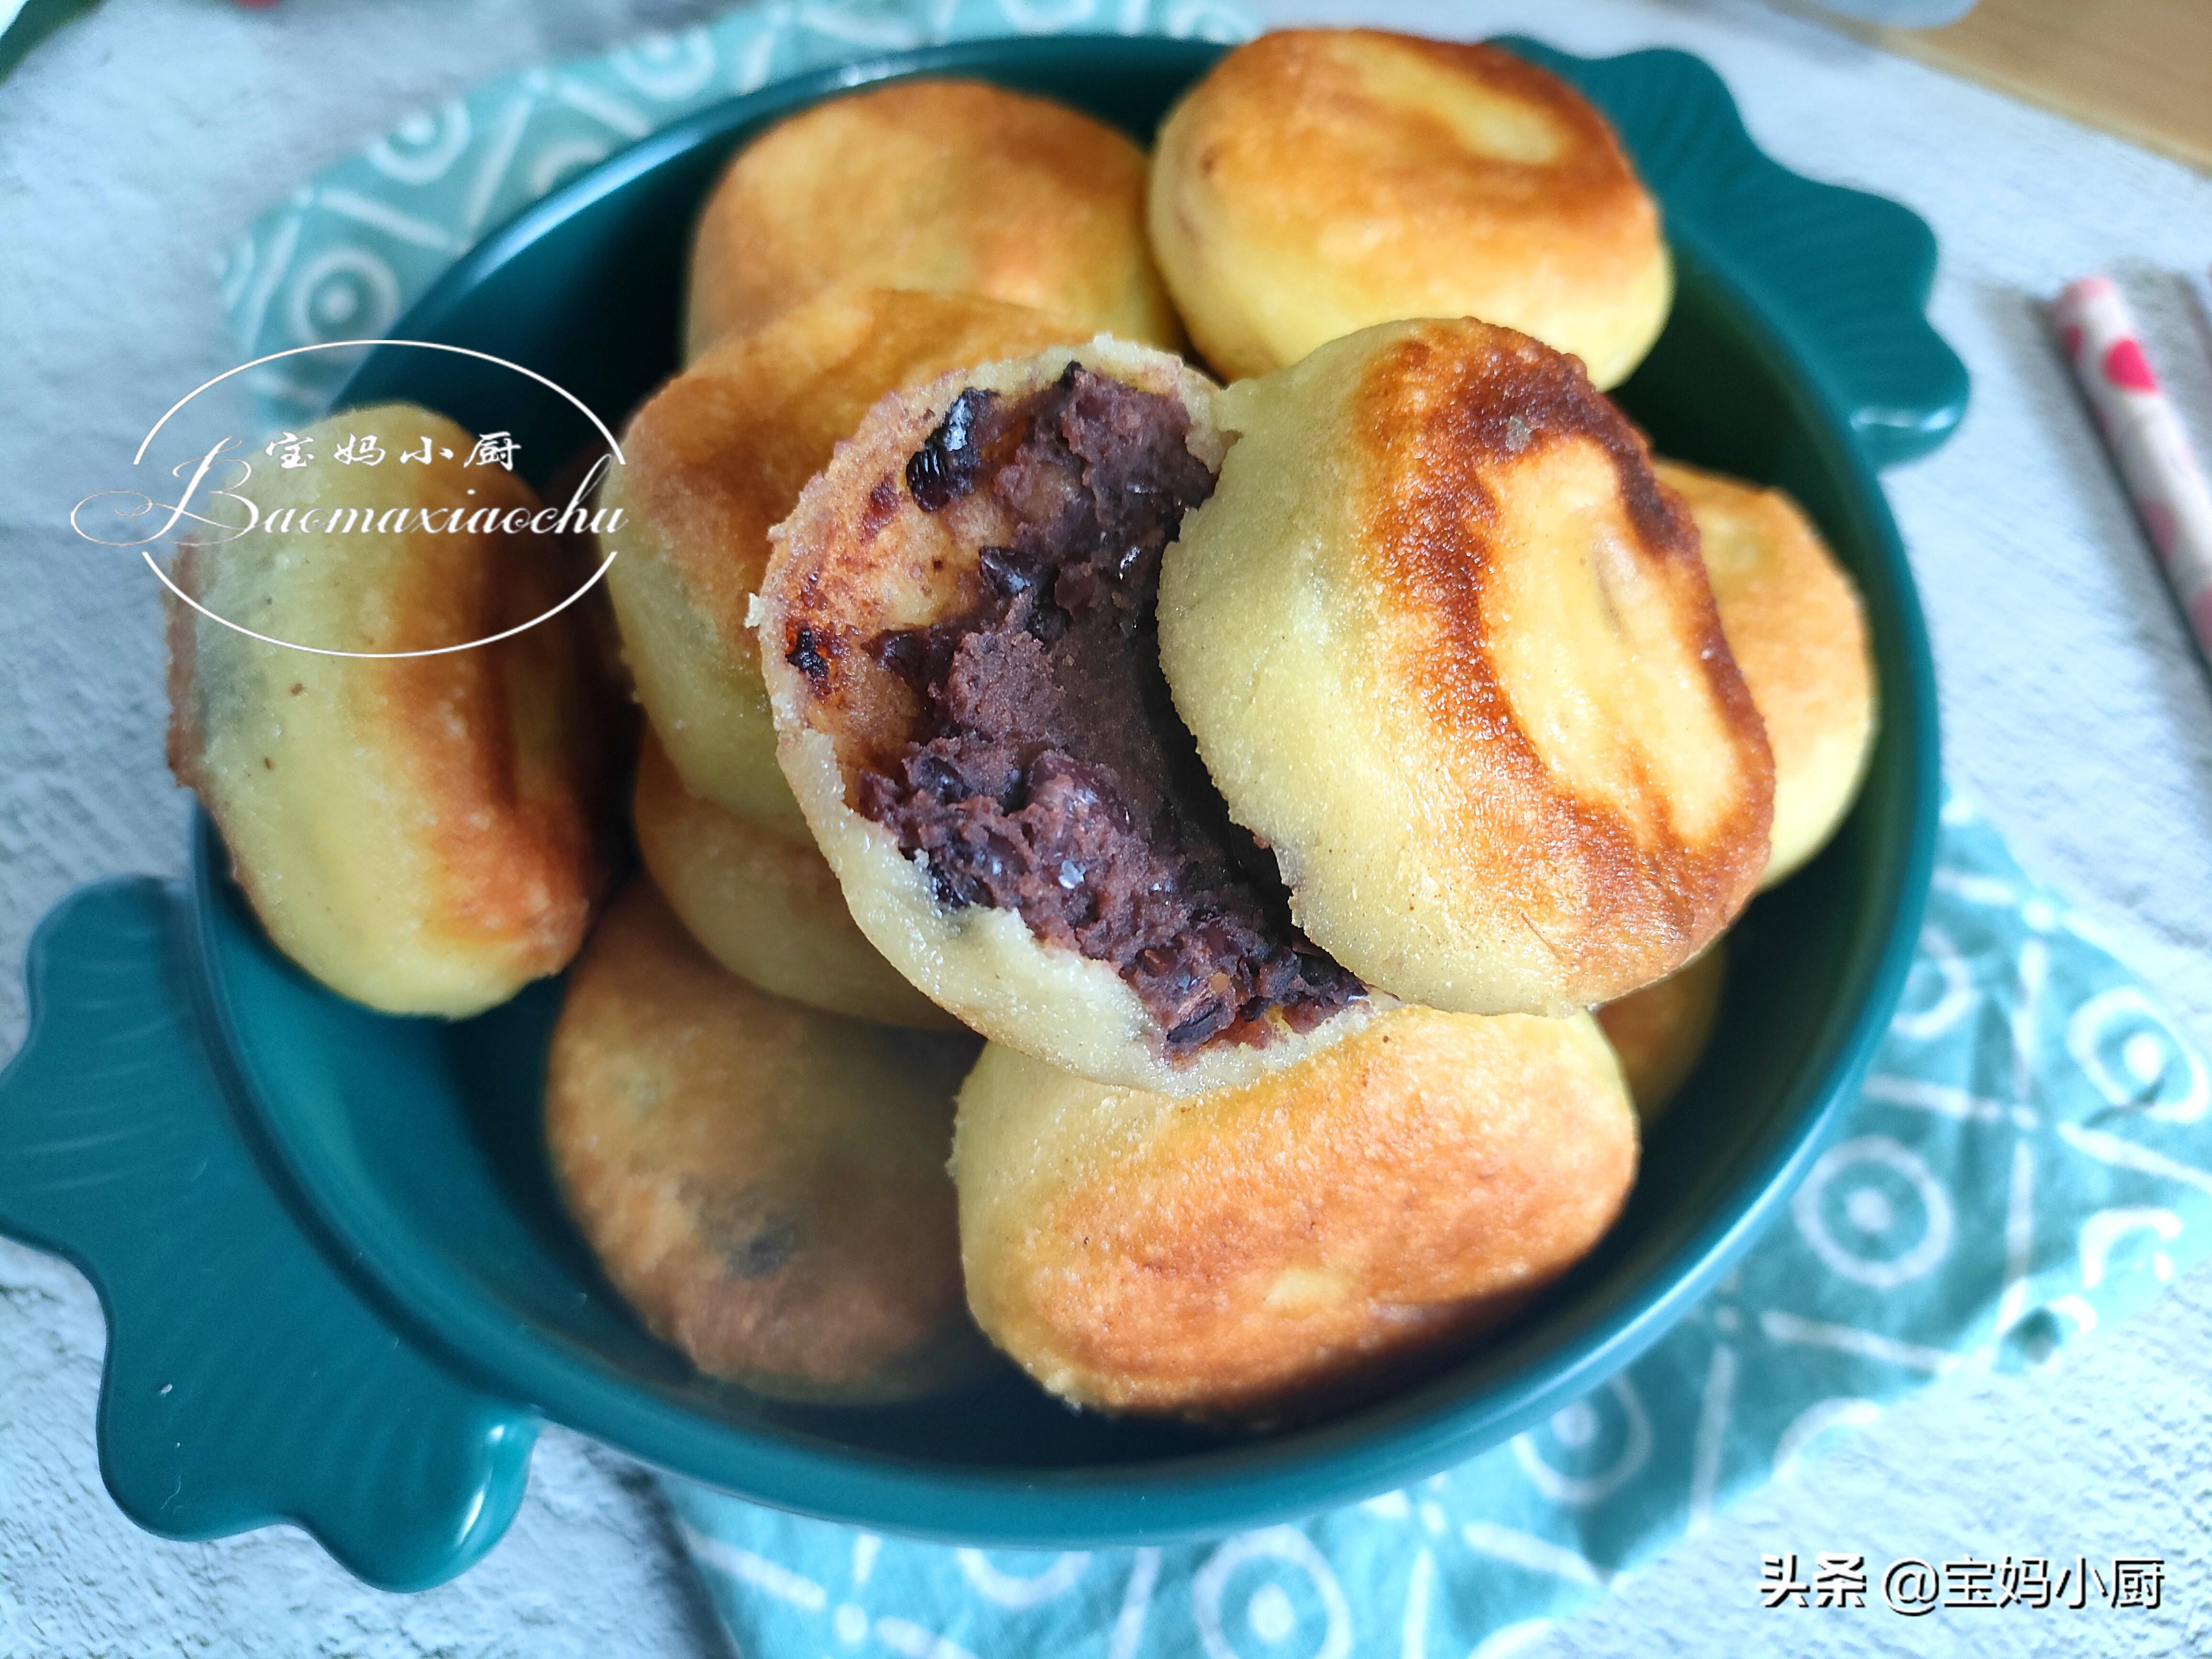 玉米面和它一起烙饼,软软糯糯的还好吃,做法简单,营养补得足足